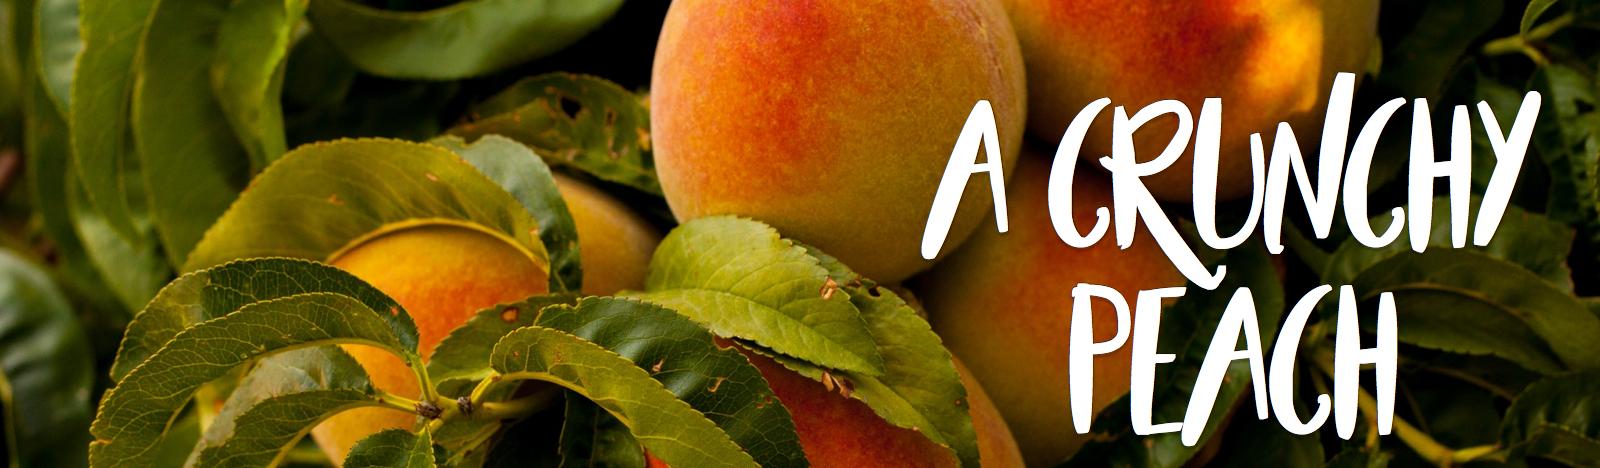 A Crunchy Peach